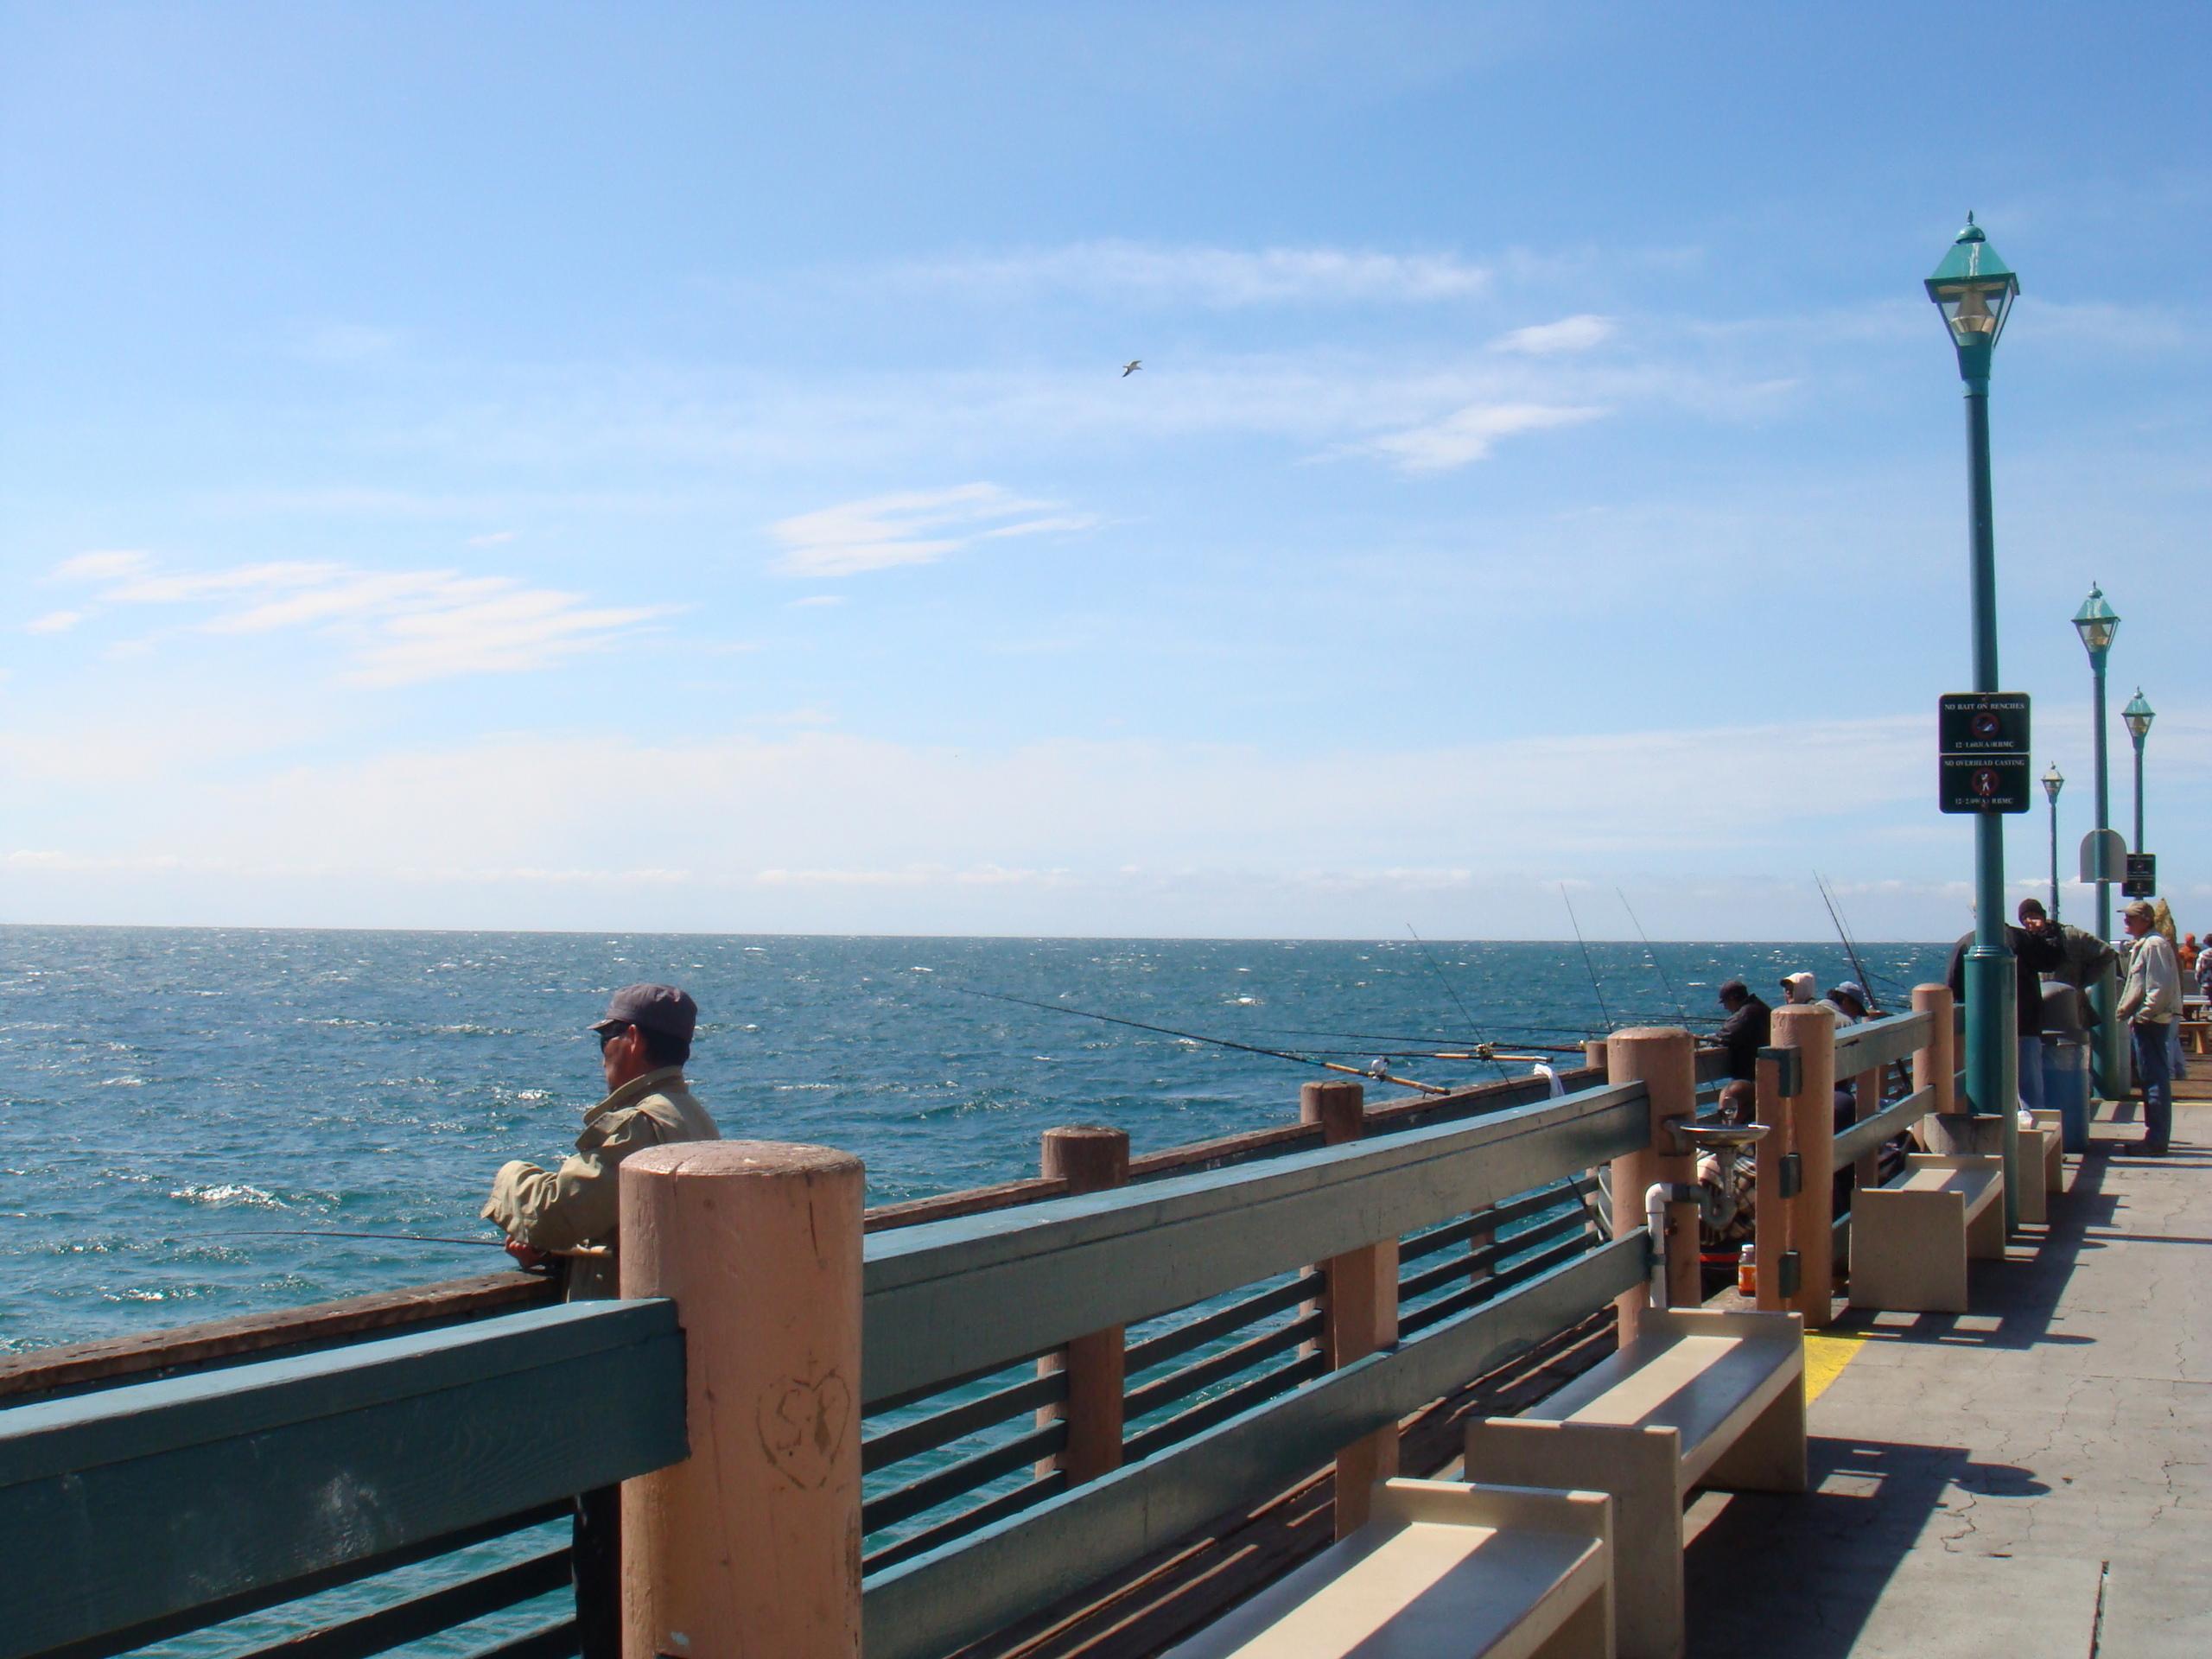 Singles events in Redondo Beach CA